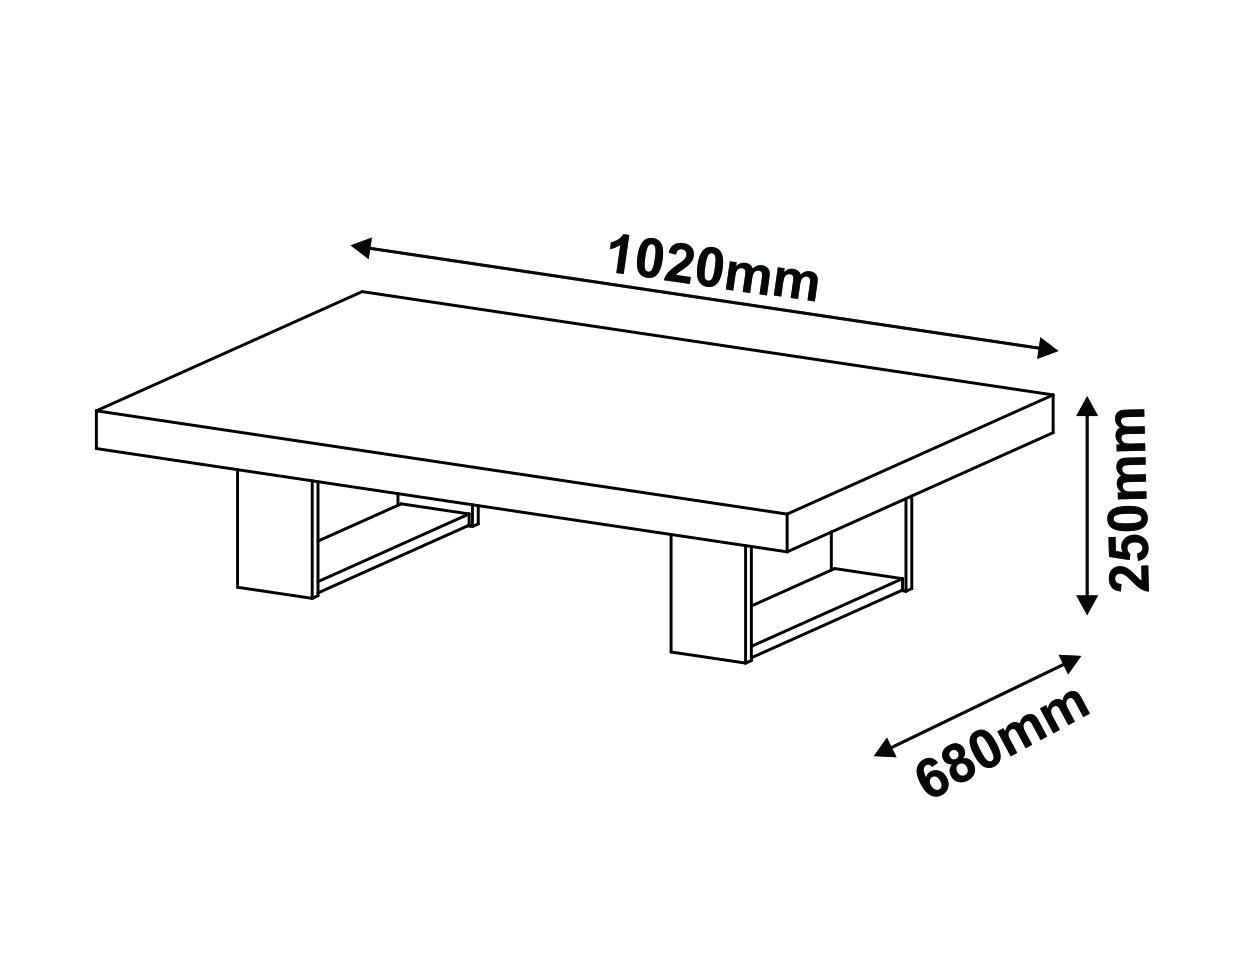 mesa de centro medidas